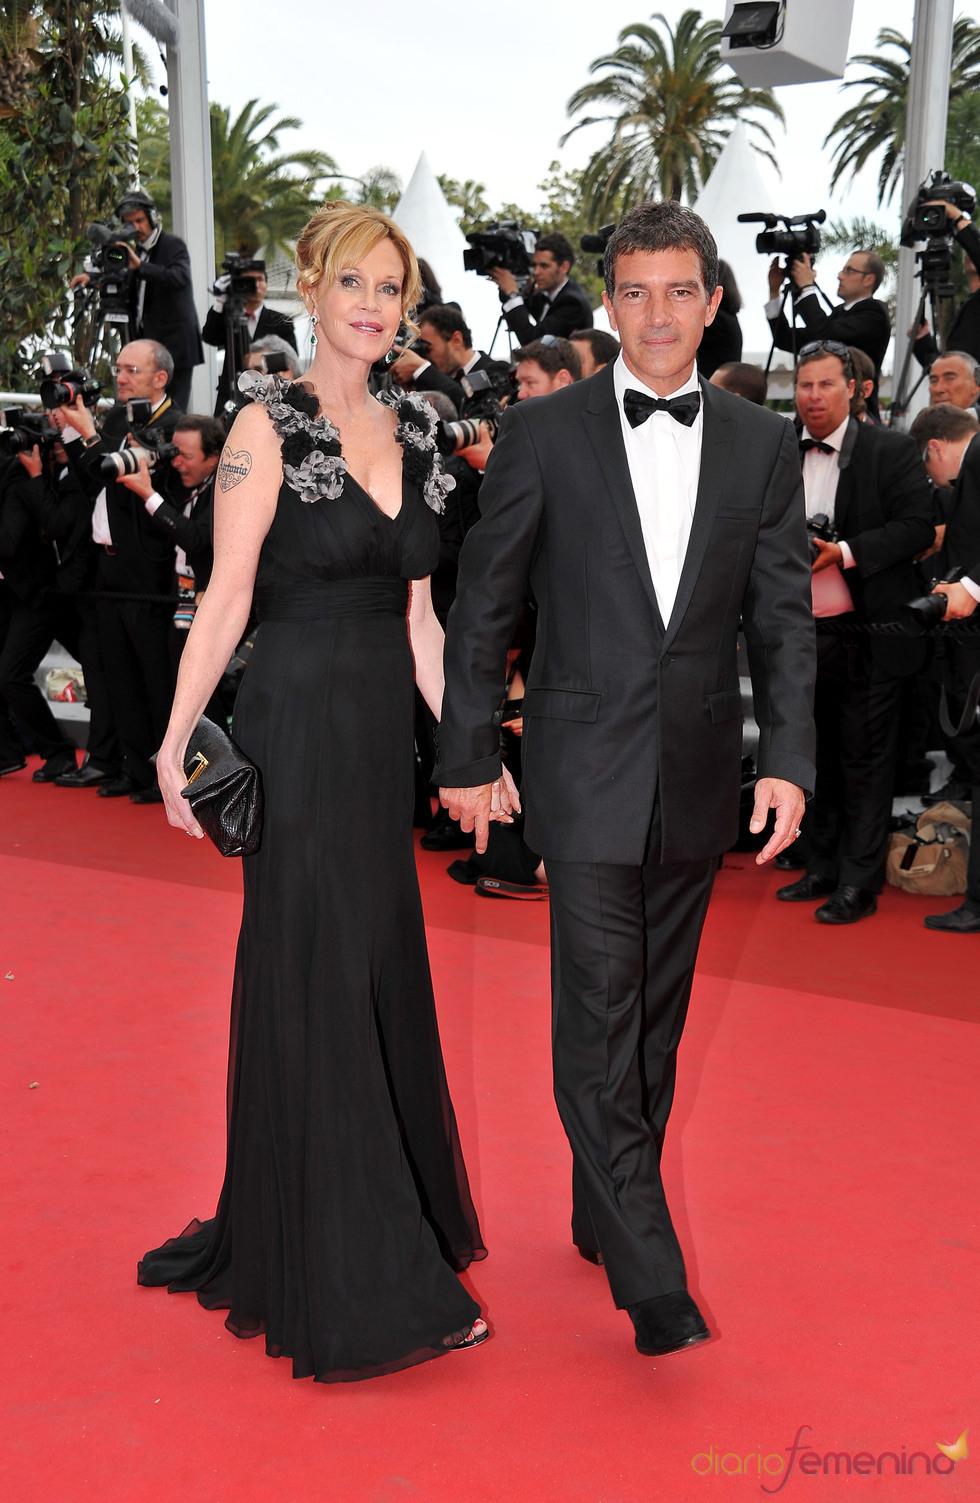 Antonio Banderas y Melanie Griffith en la apertura del Festival de Cannes 2011